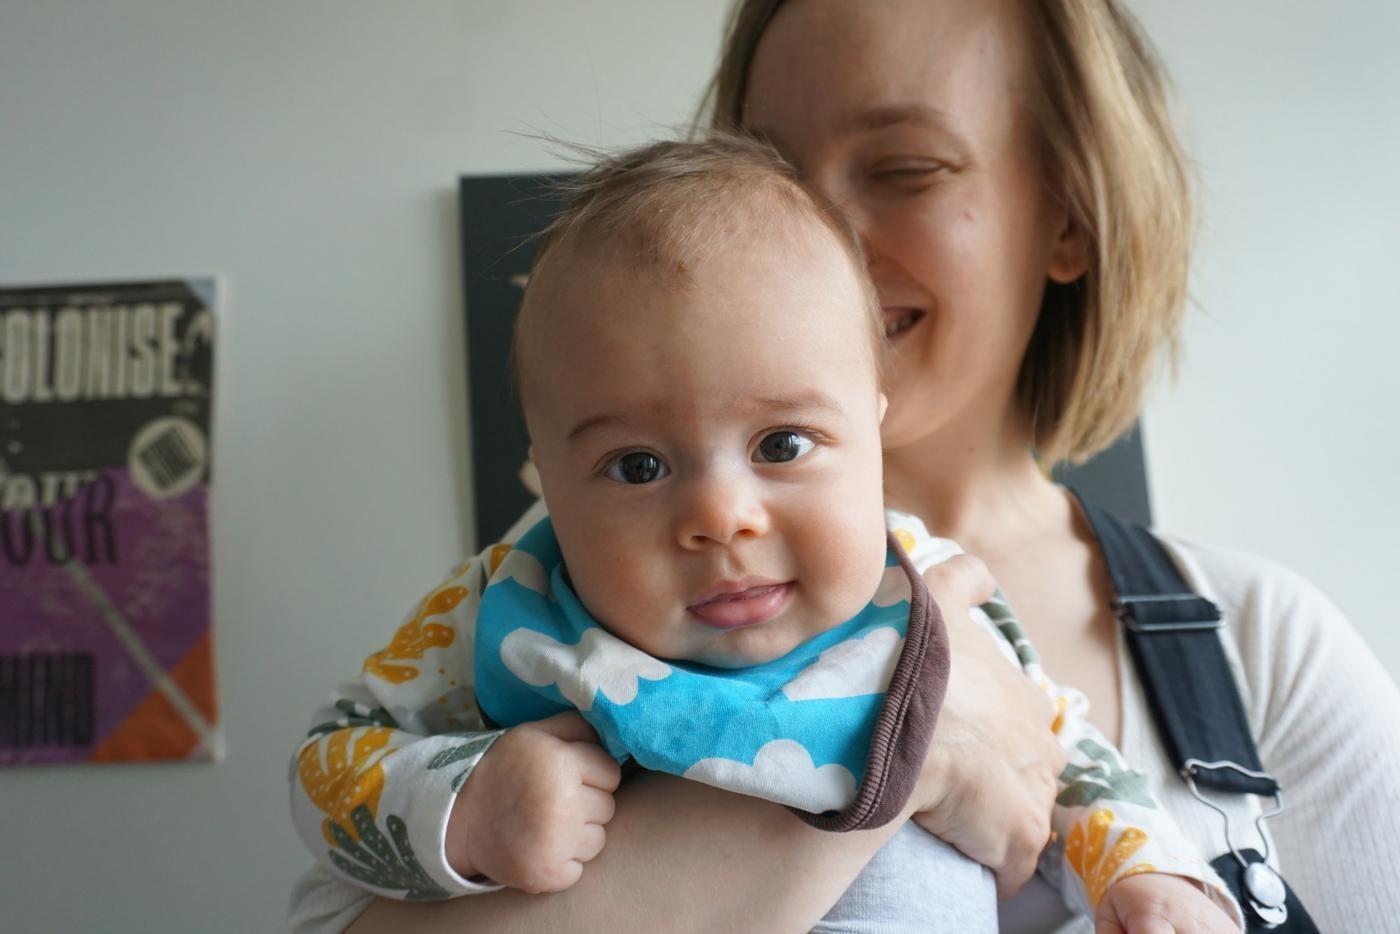 en baby tittar finurligt in i kameran, kvinnan som håller i babyn skrattar